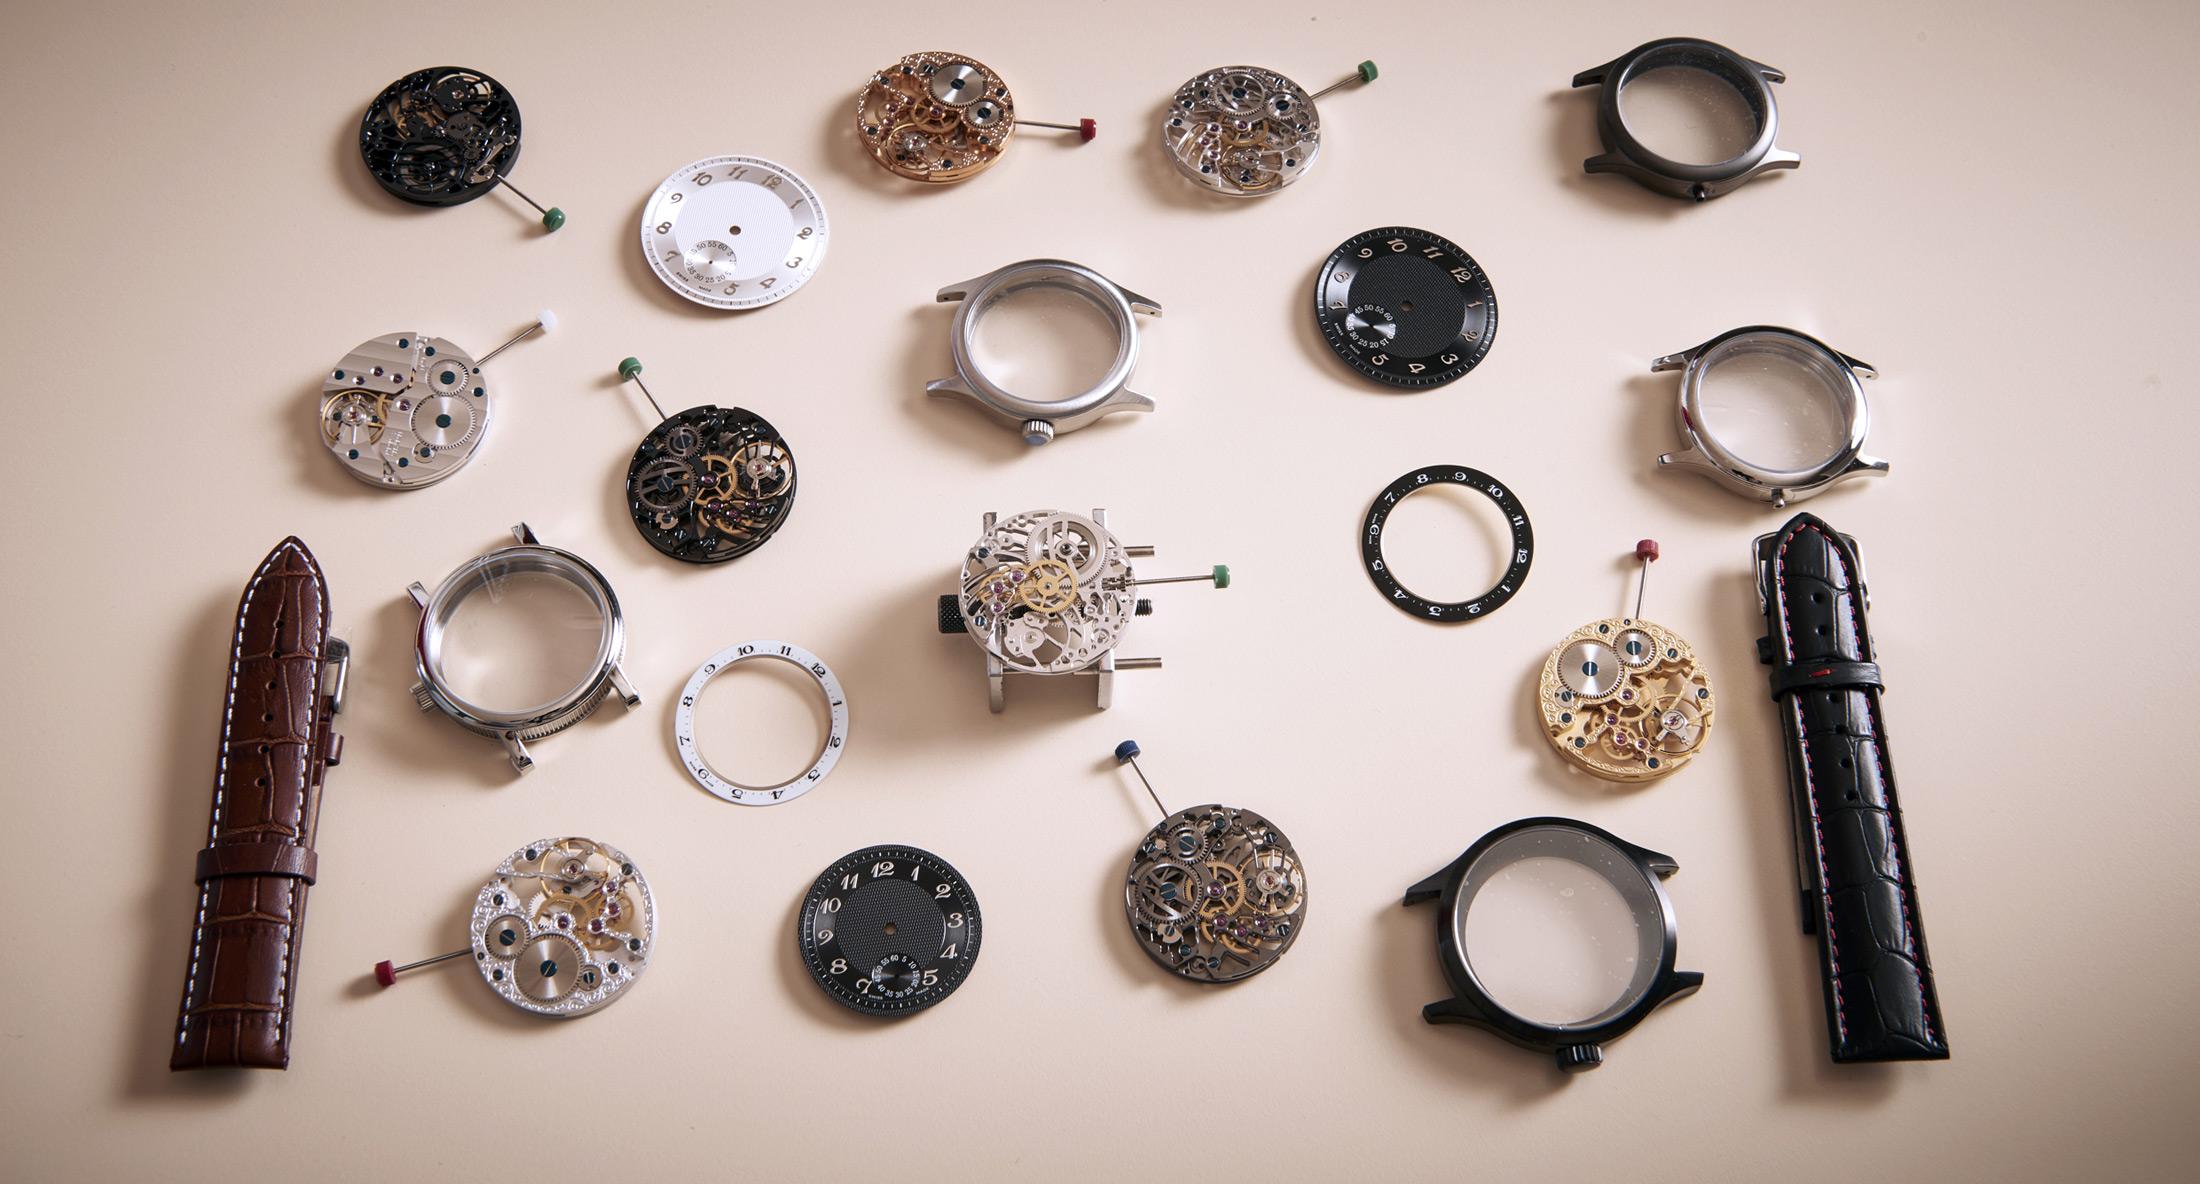 Initium создание собственных уникальных швейцарских часов